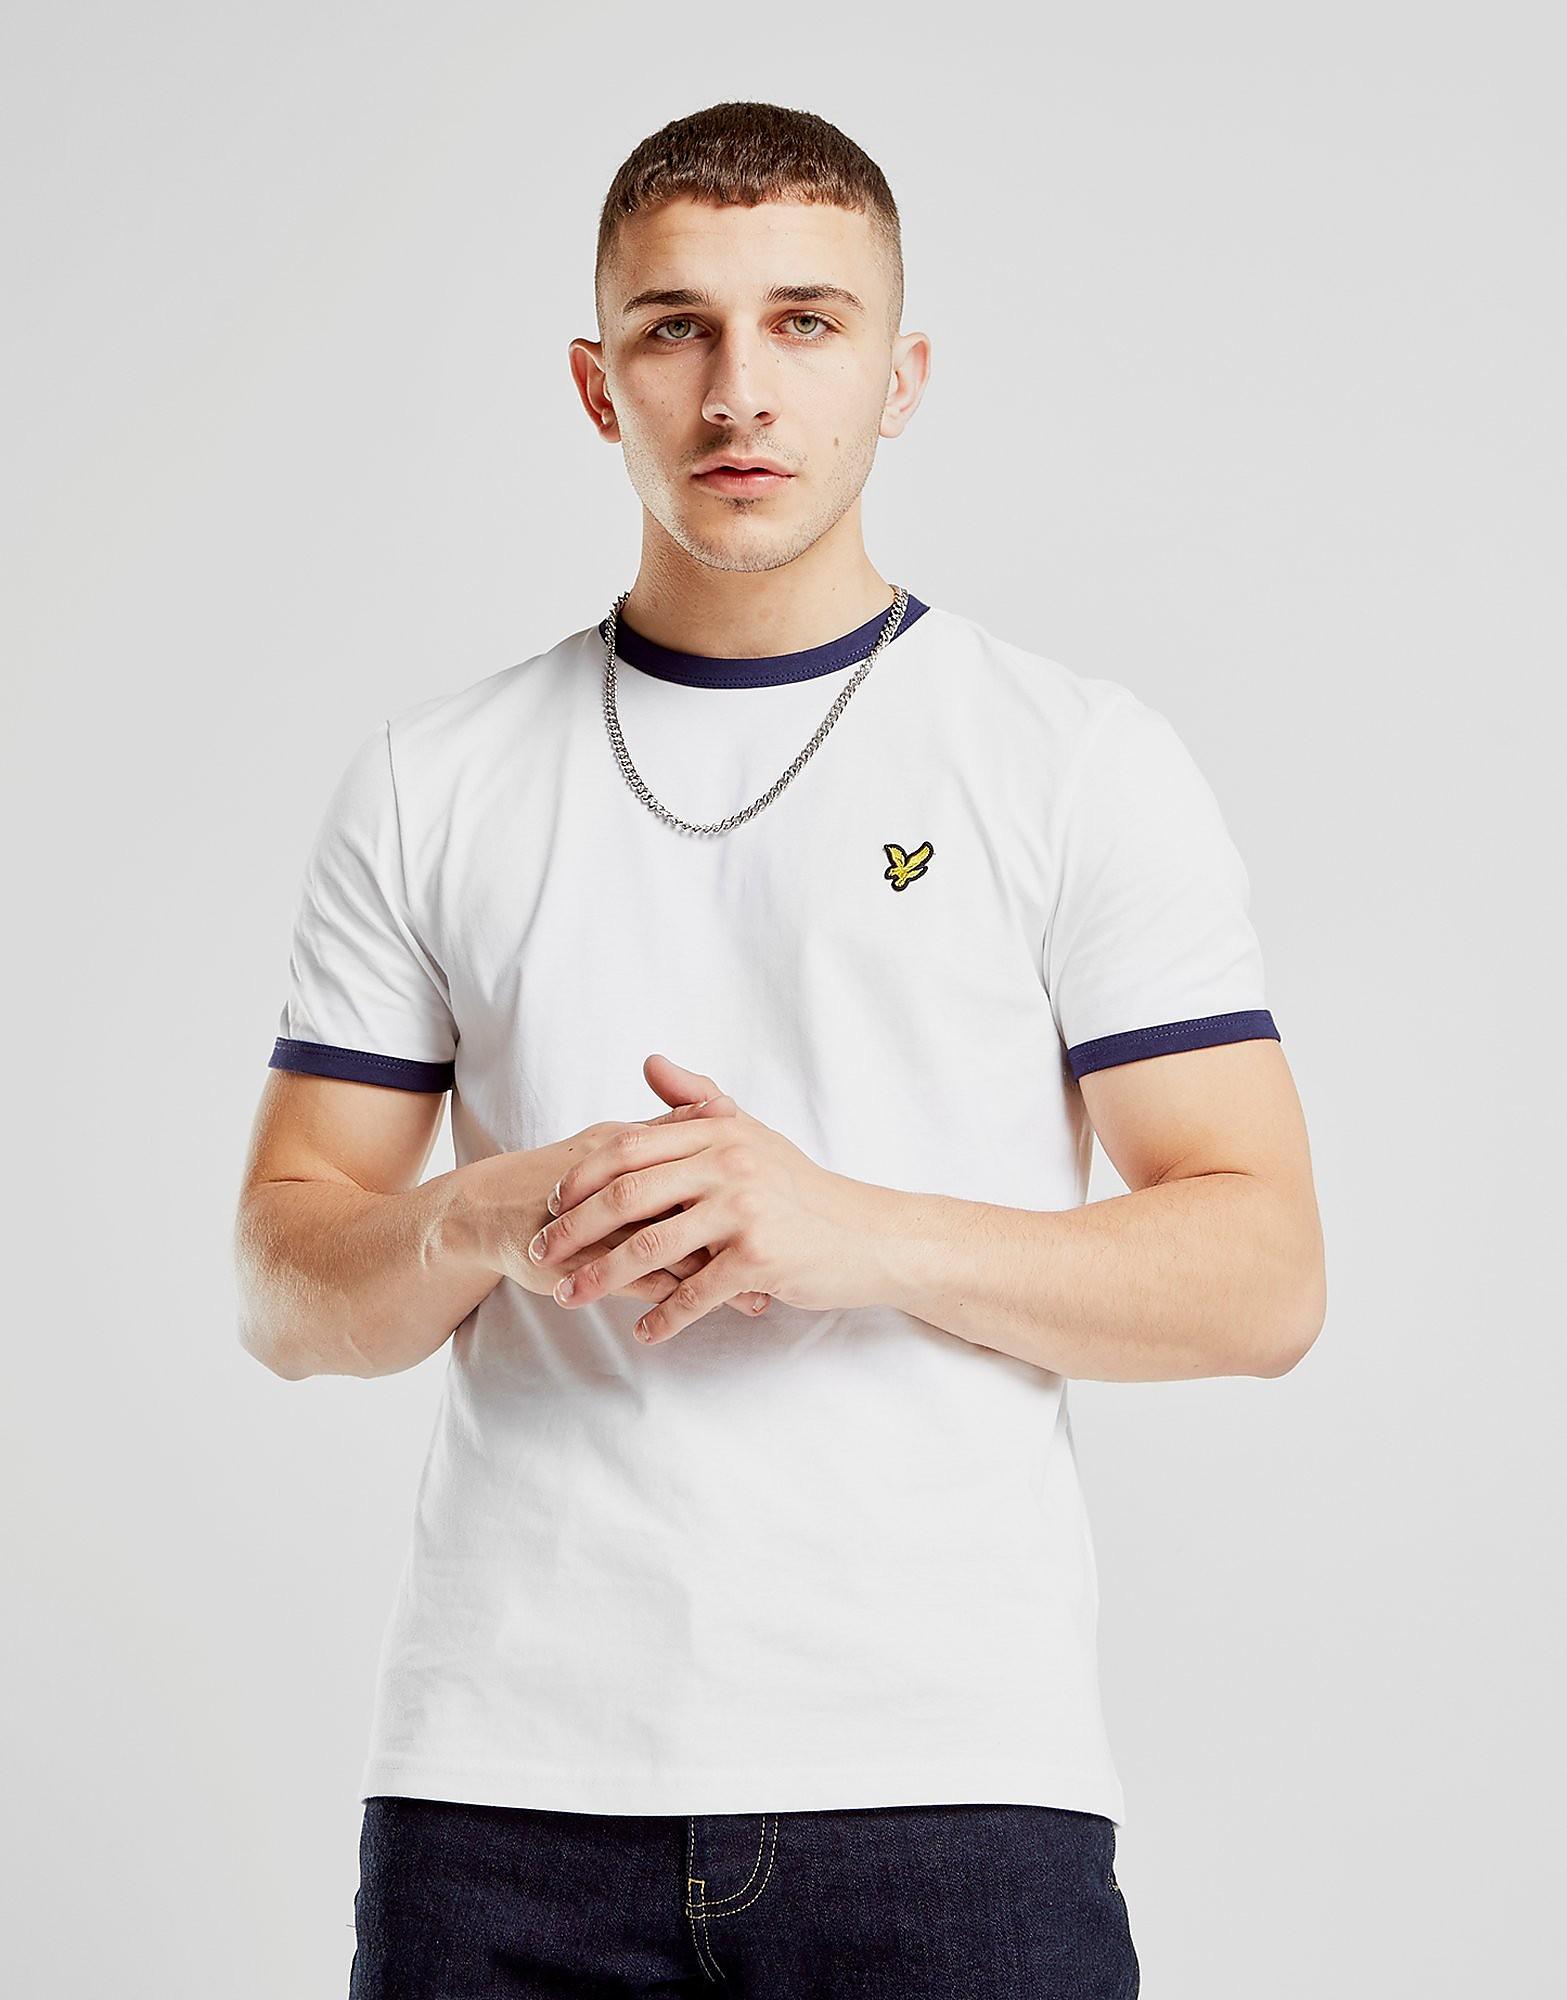 Lyle & Scott Ringer T-Shirt Homme - White, White